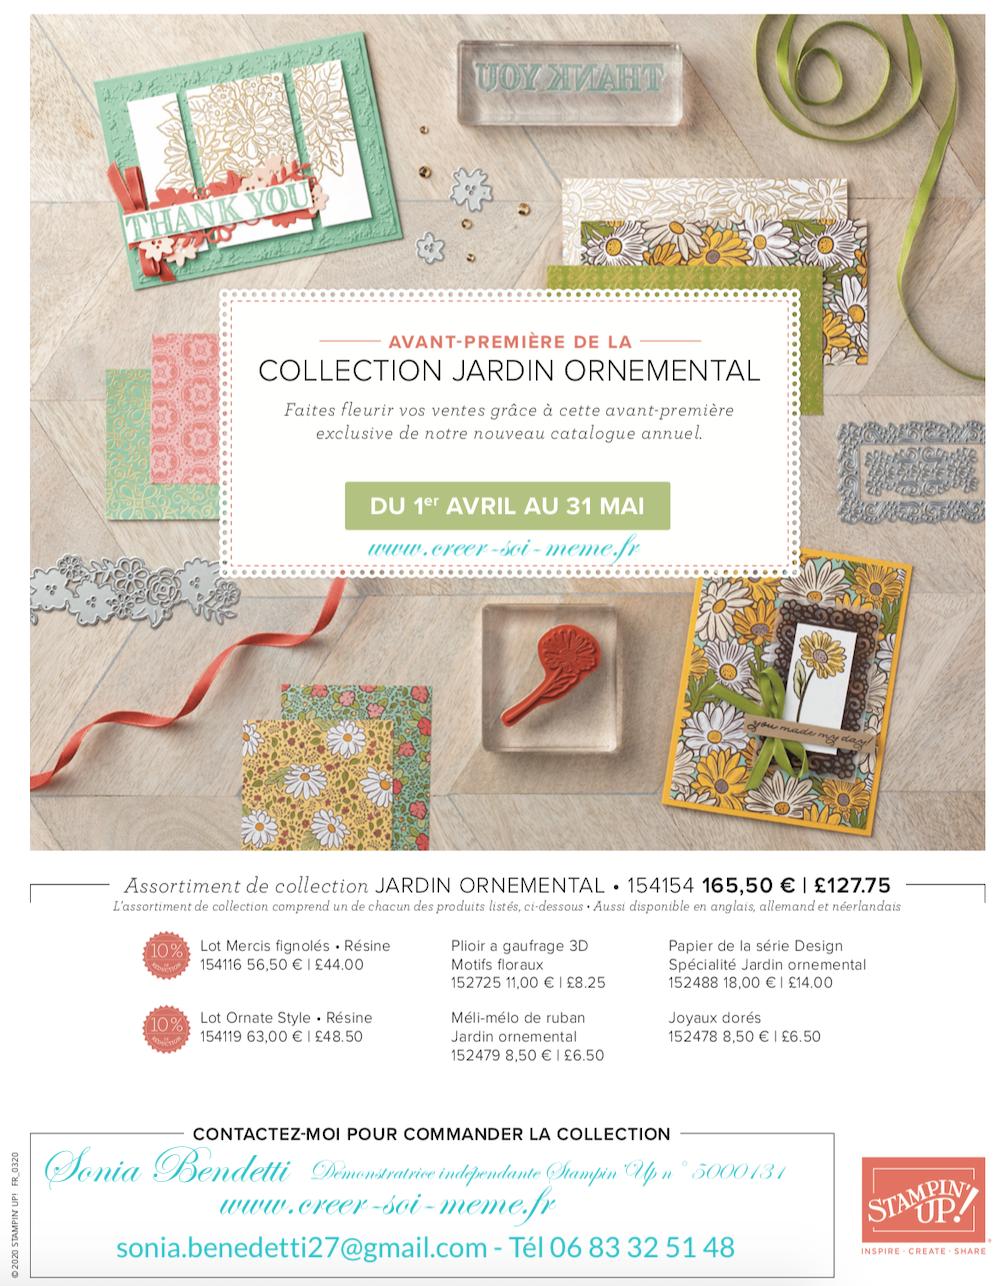 Avant première: Collection Jardin ornemental